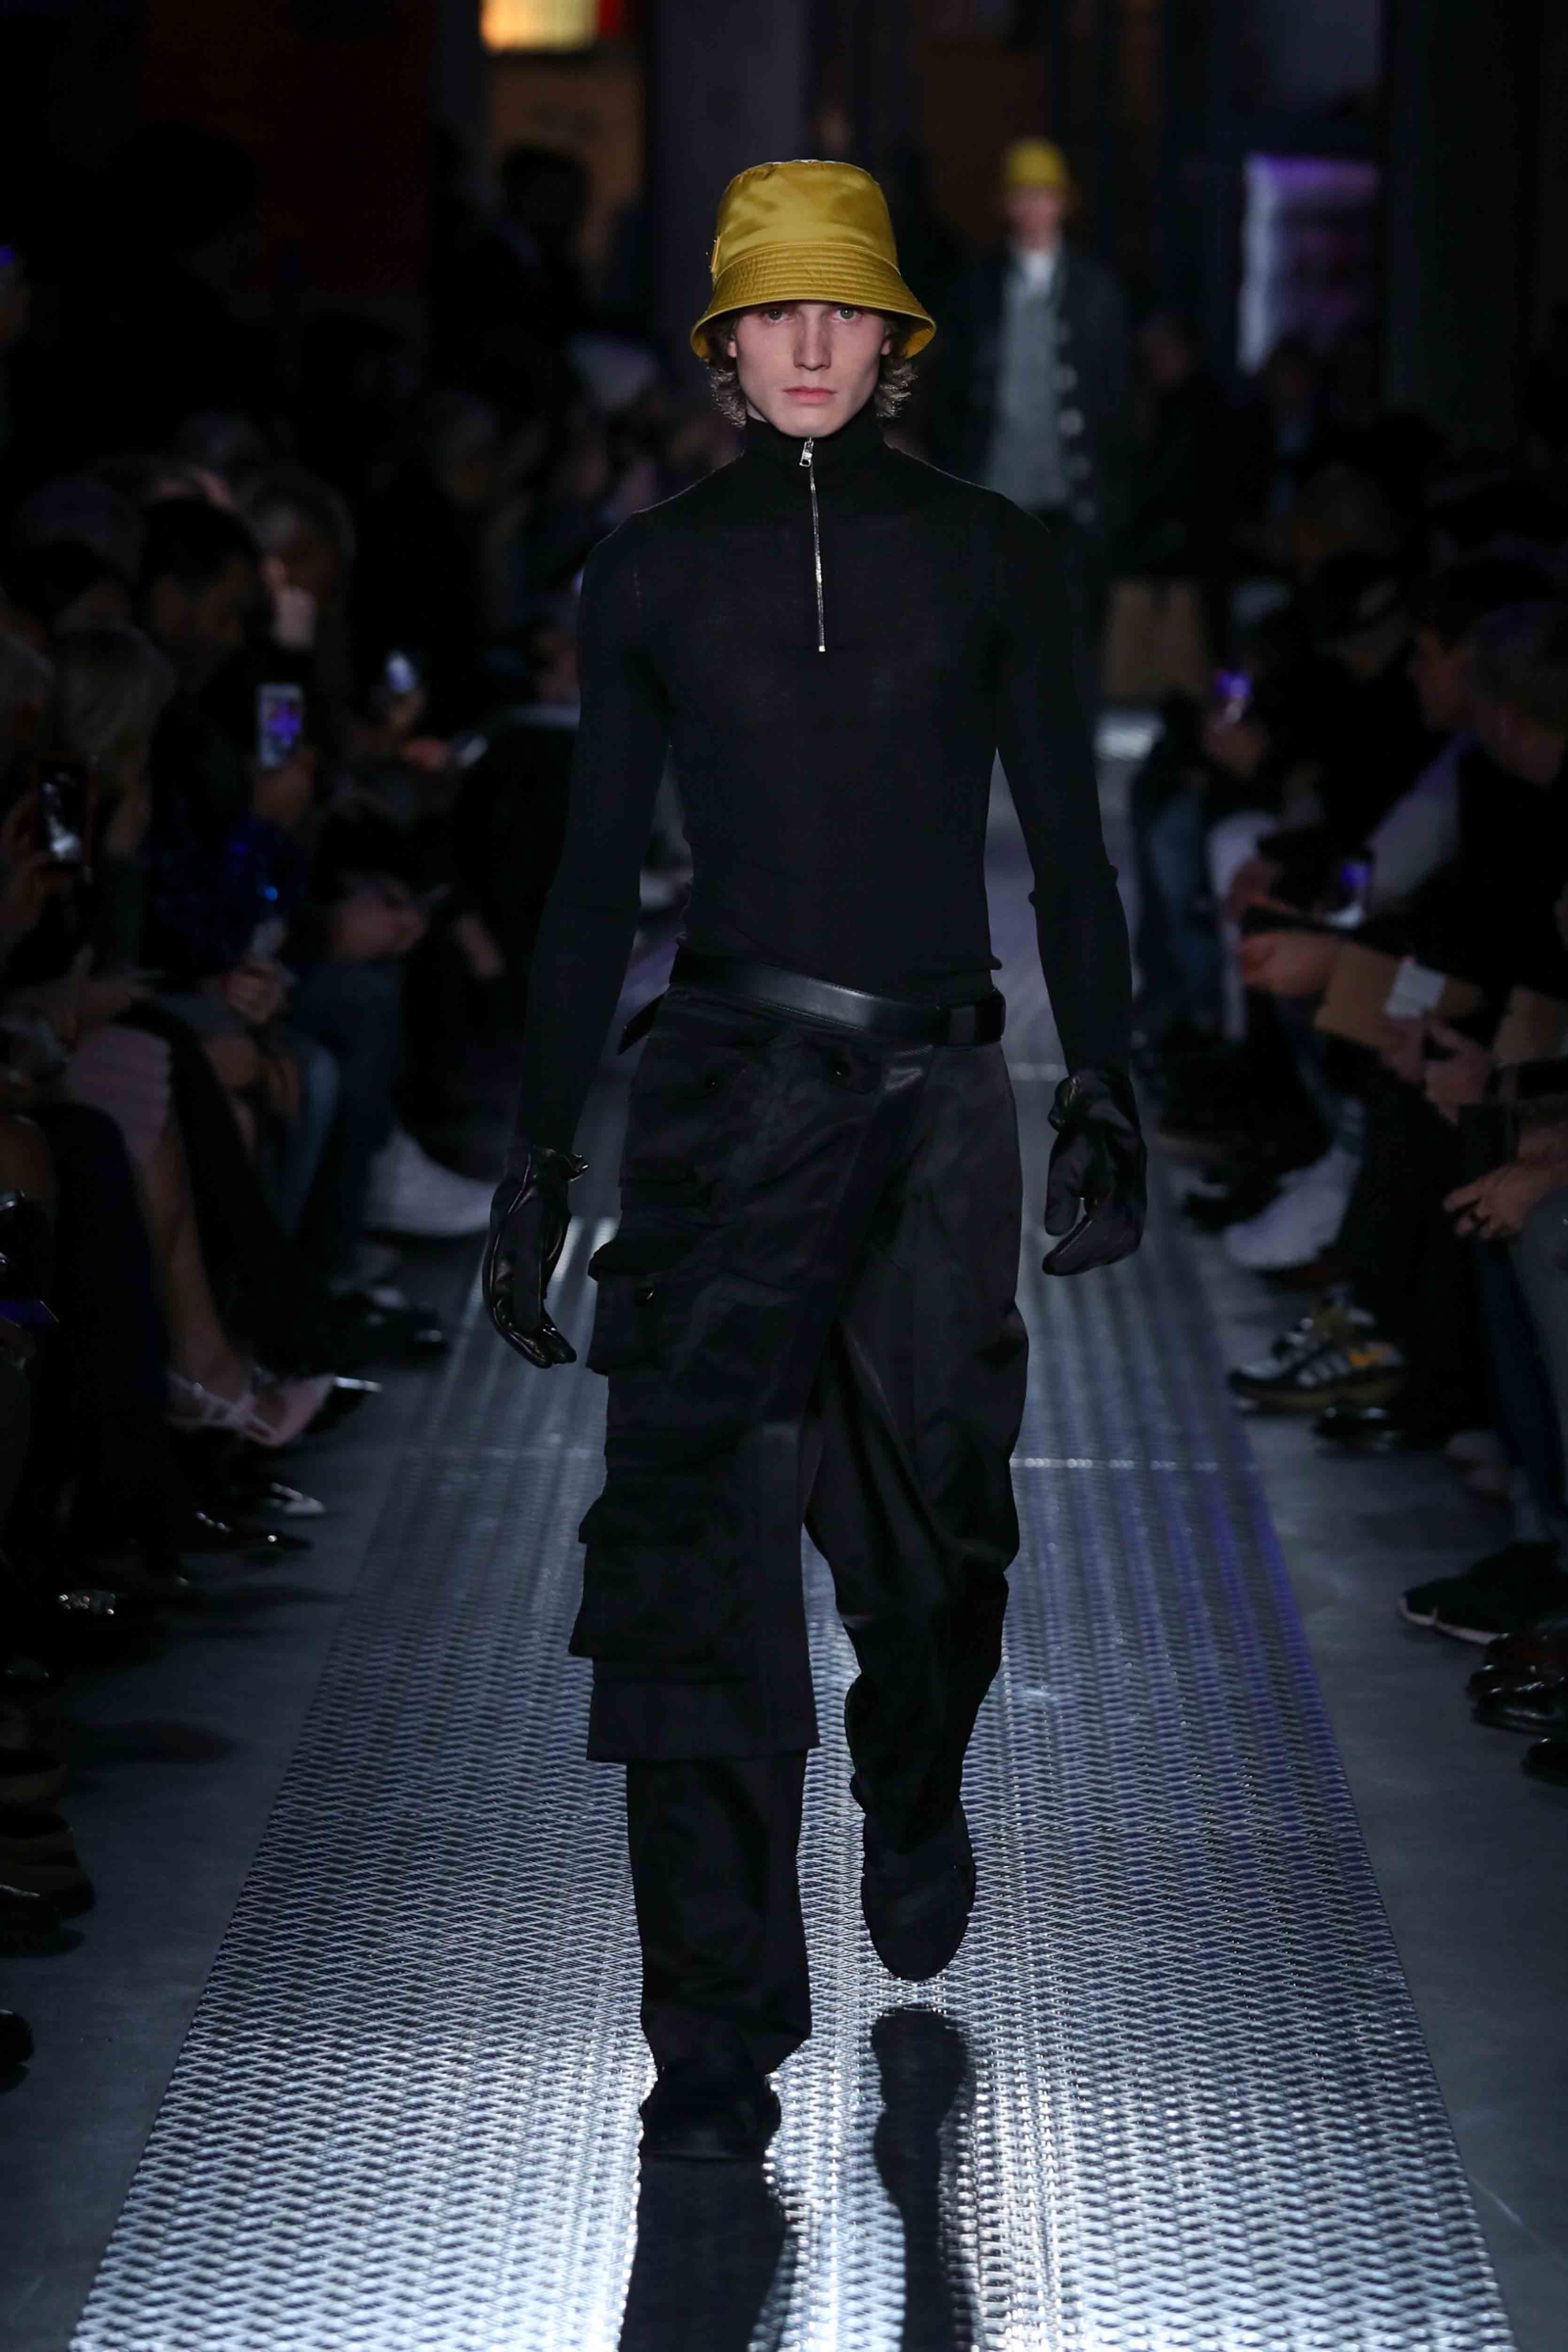 La veste à poches multiples portée à la taille de Konstantin Grcic pour Prada